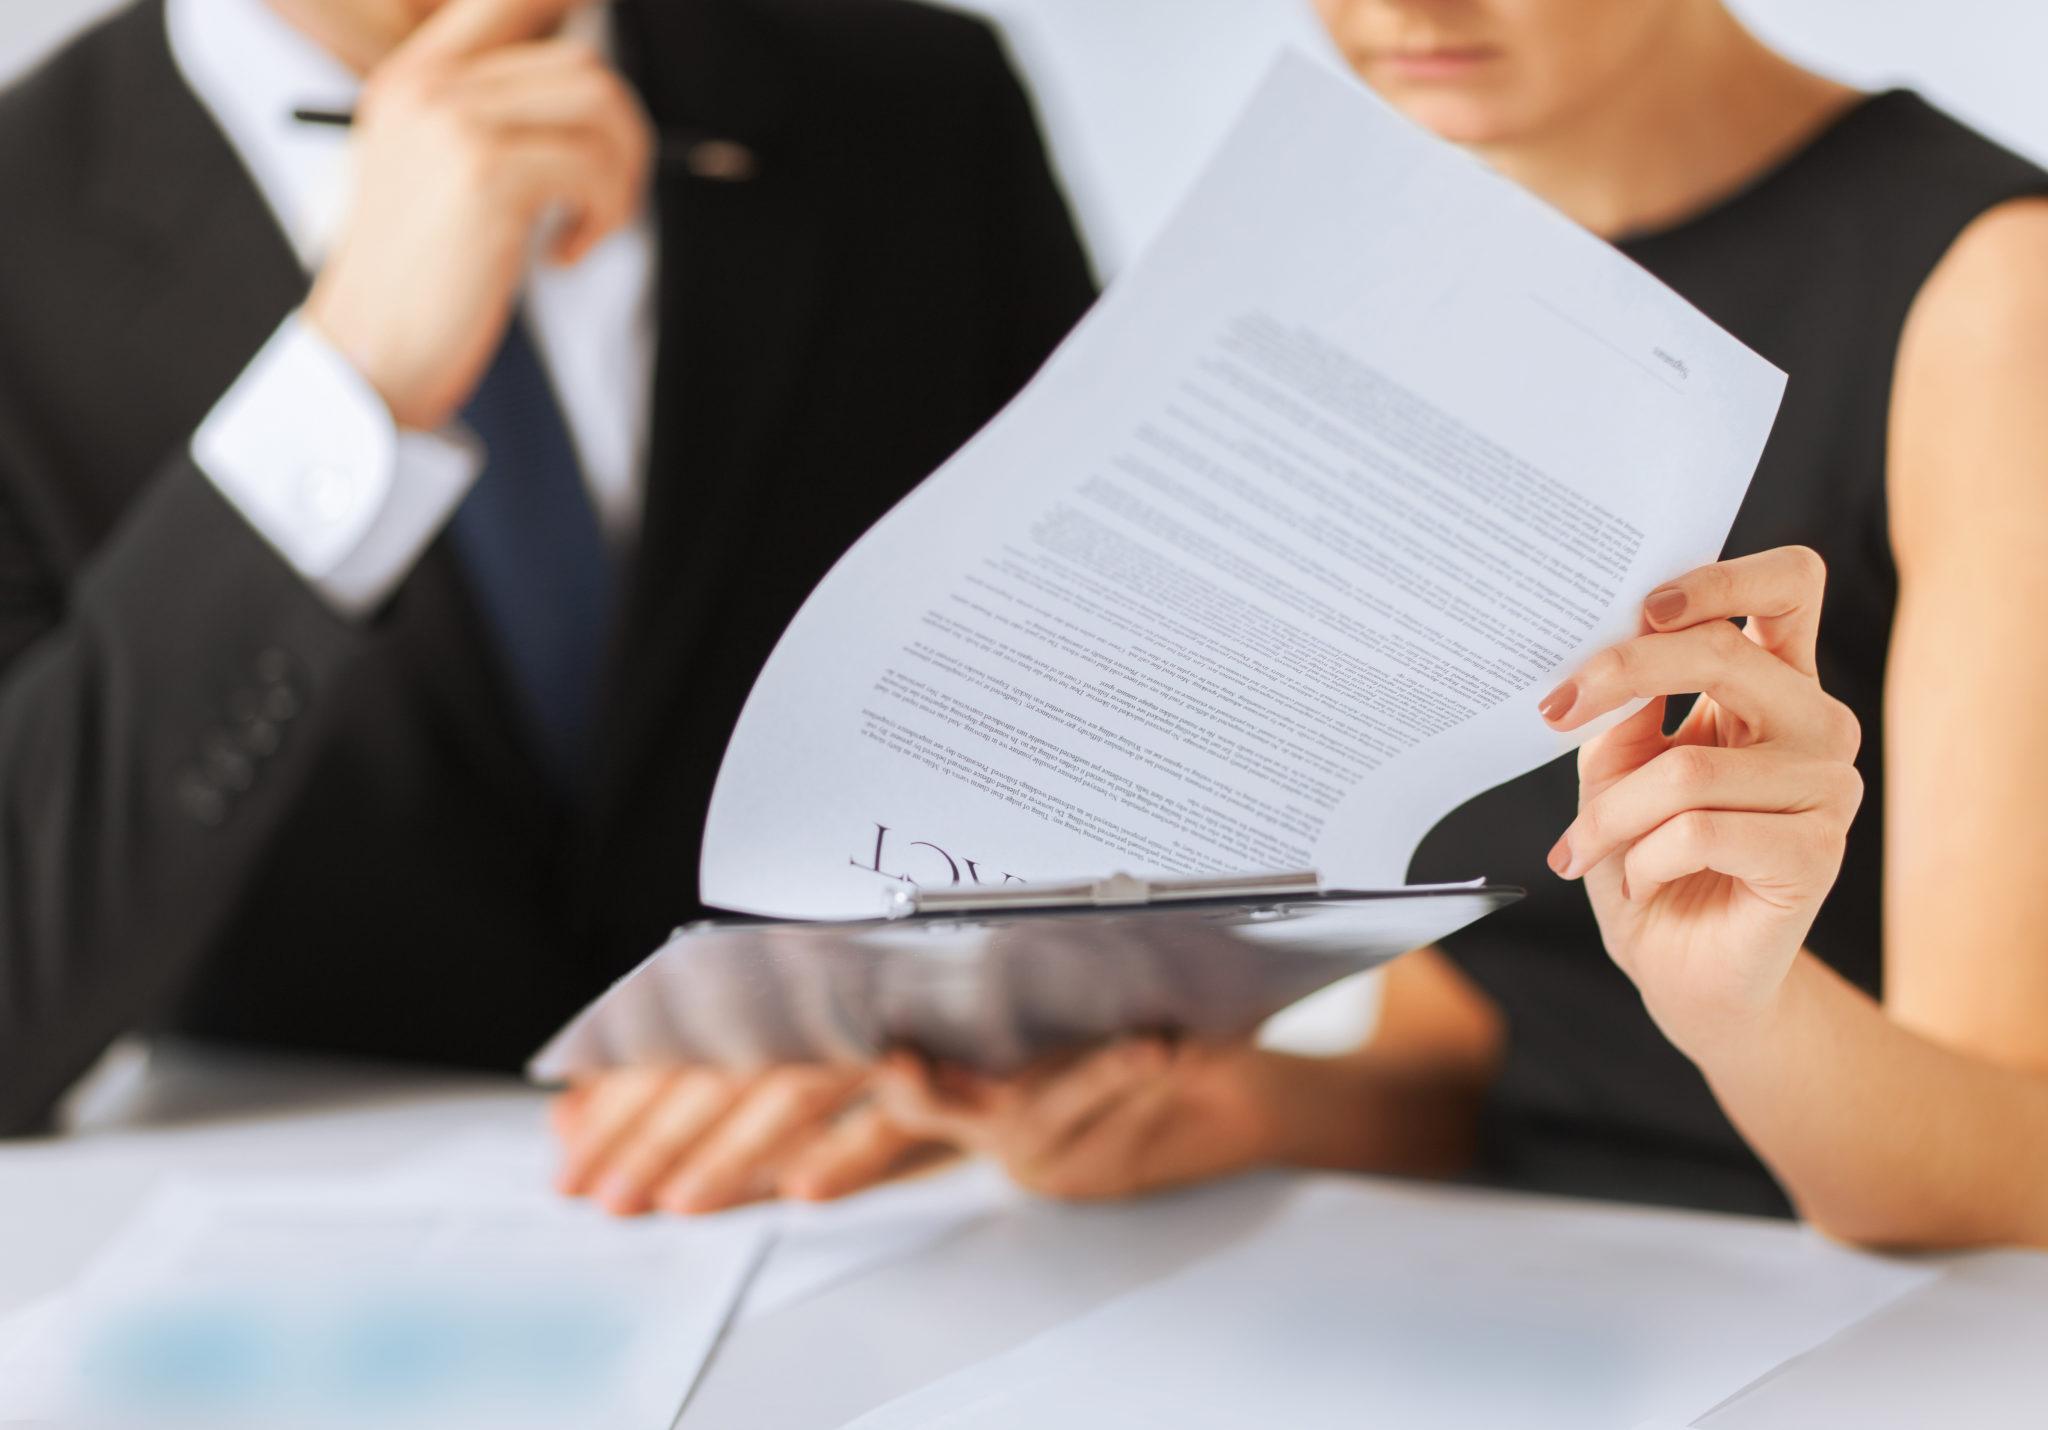 znalecký posudok, zmluva, podpis zmluvy, znalec, klient